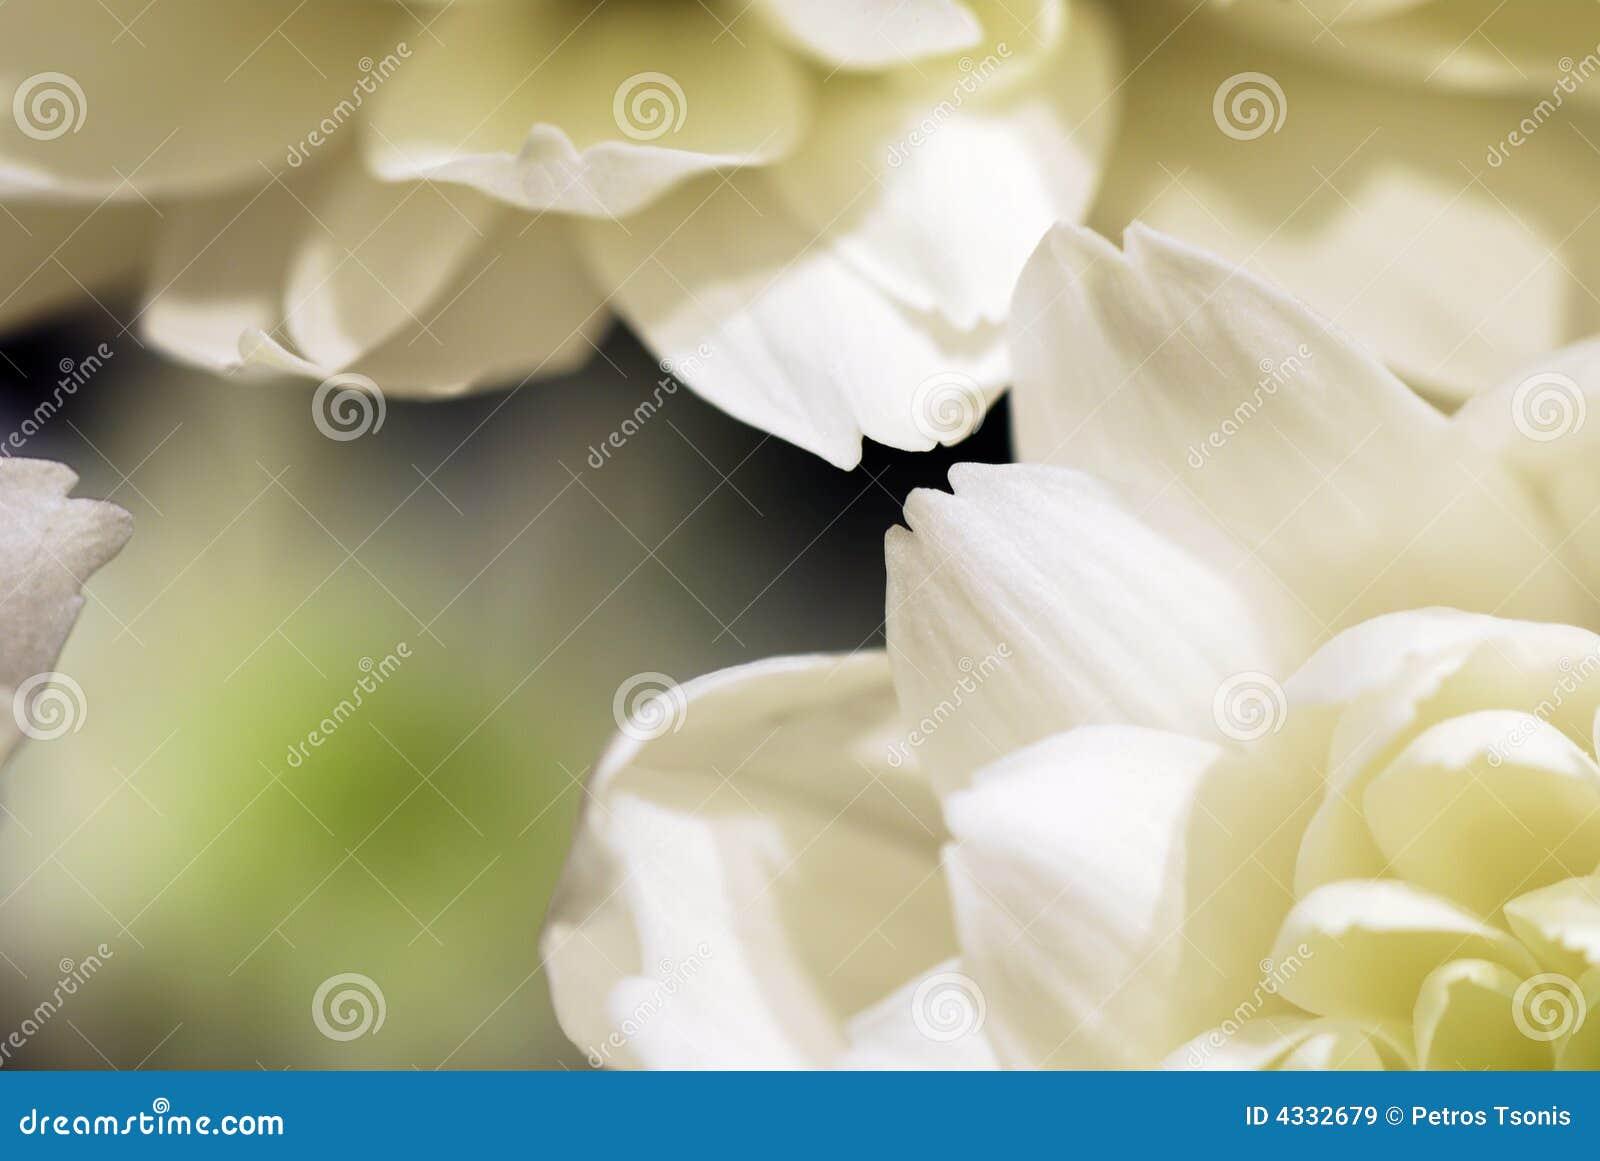 Extracto de las flores blancas